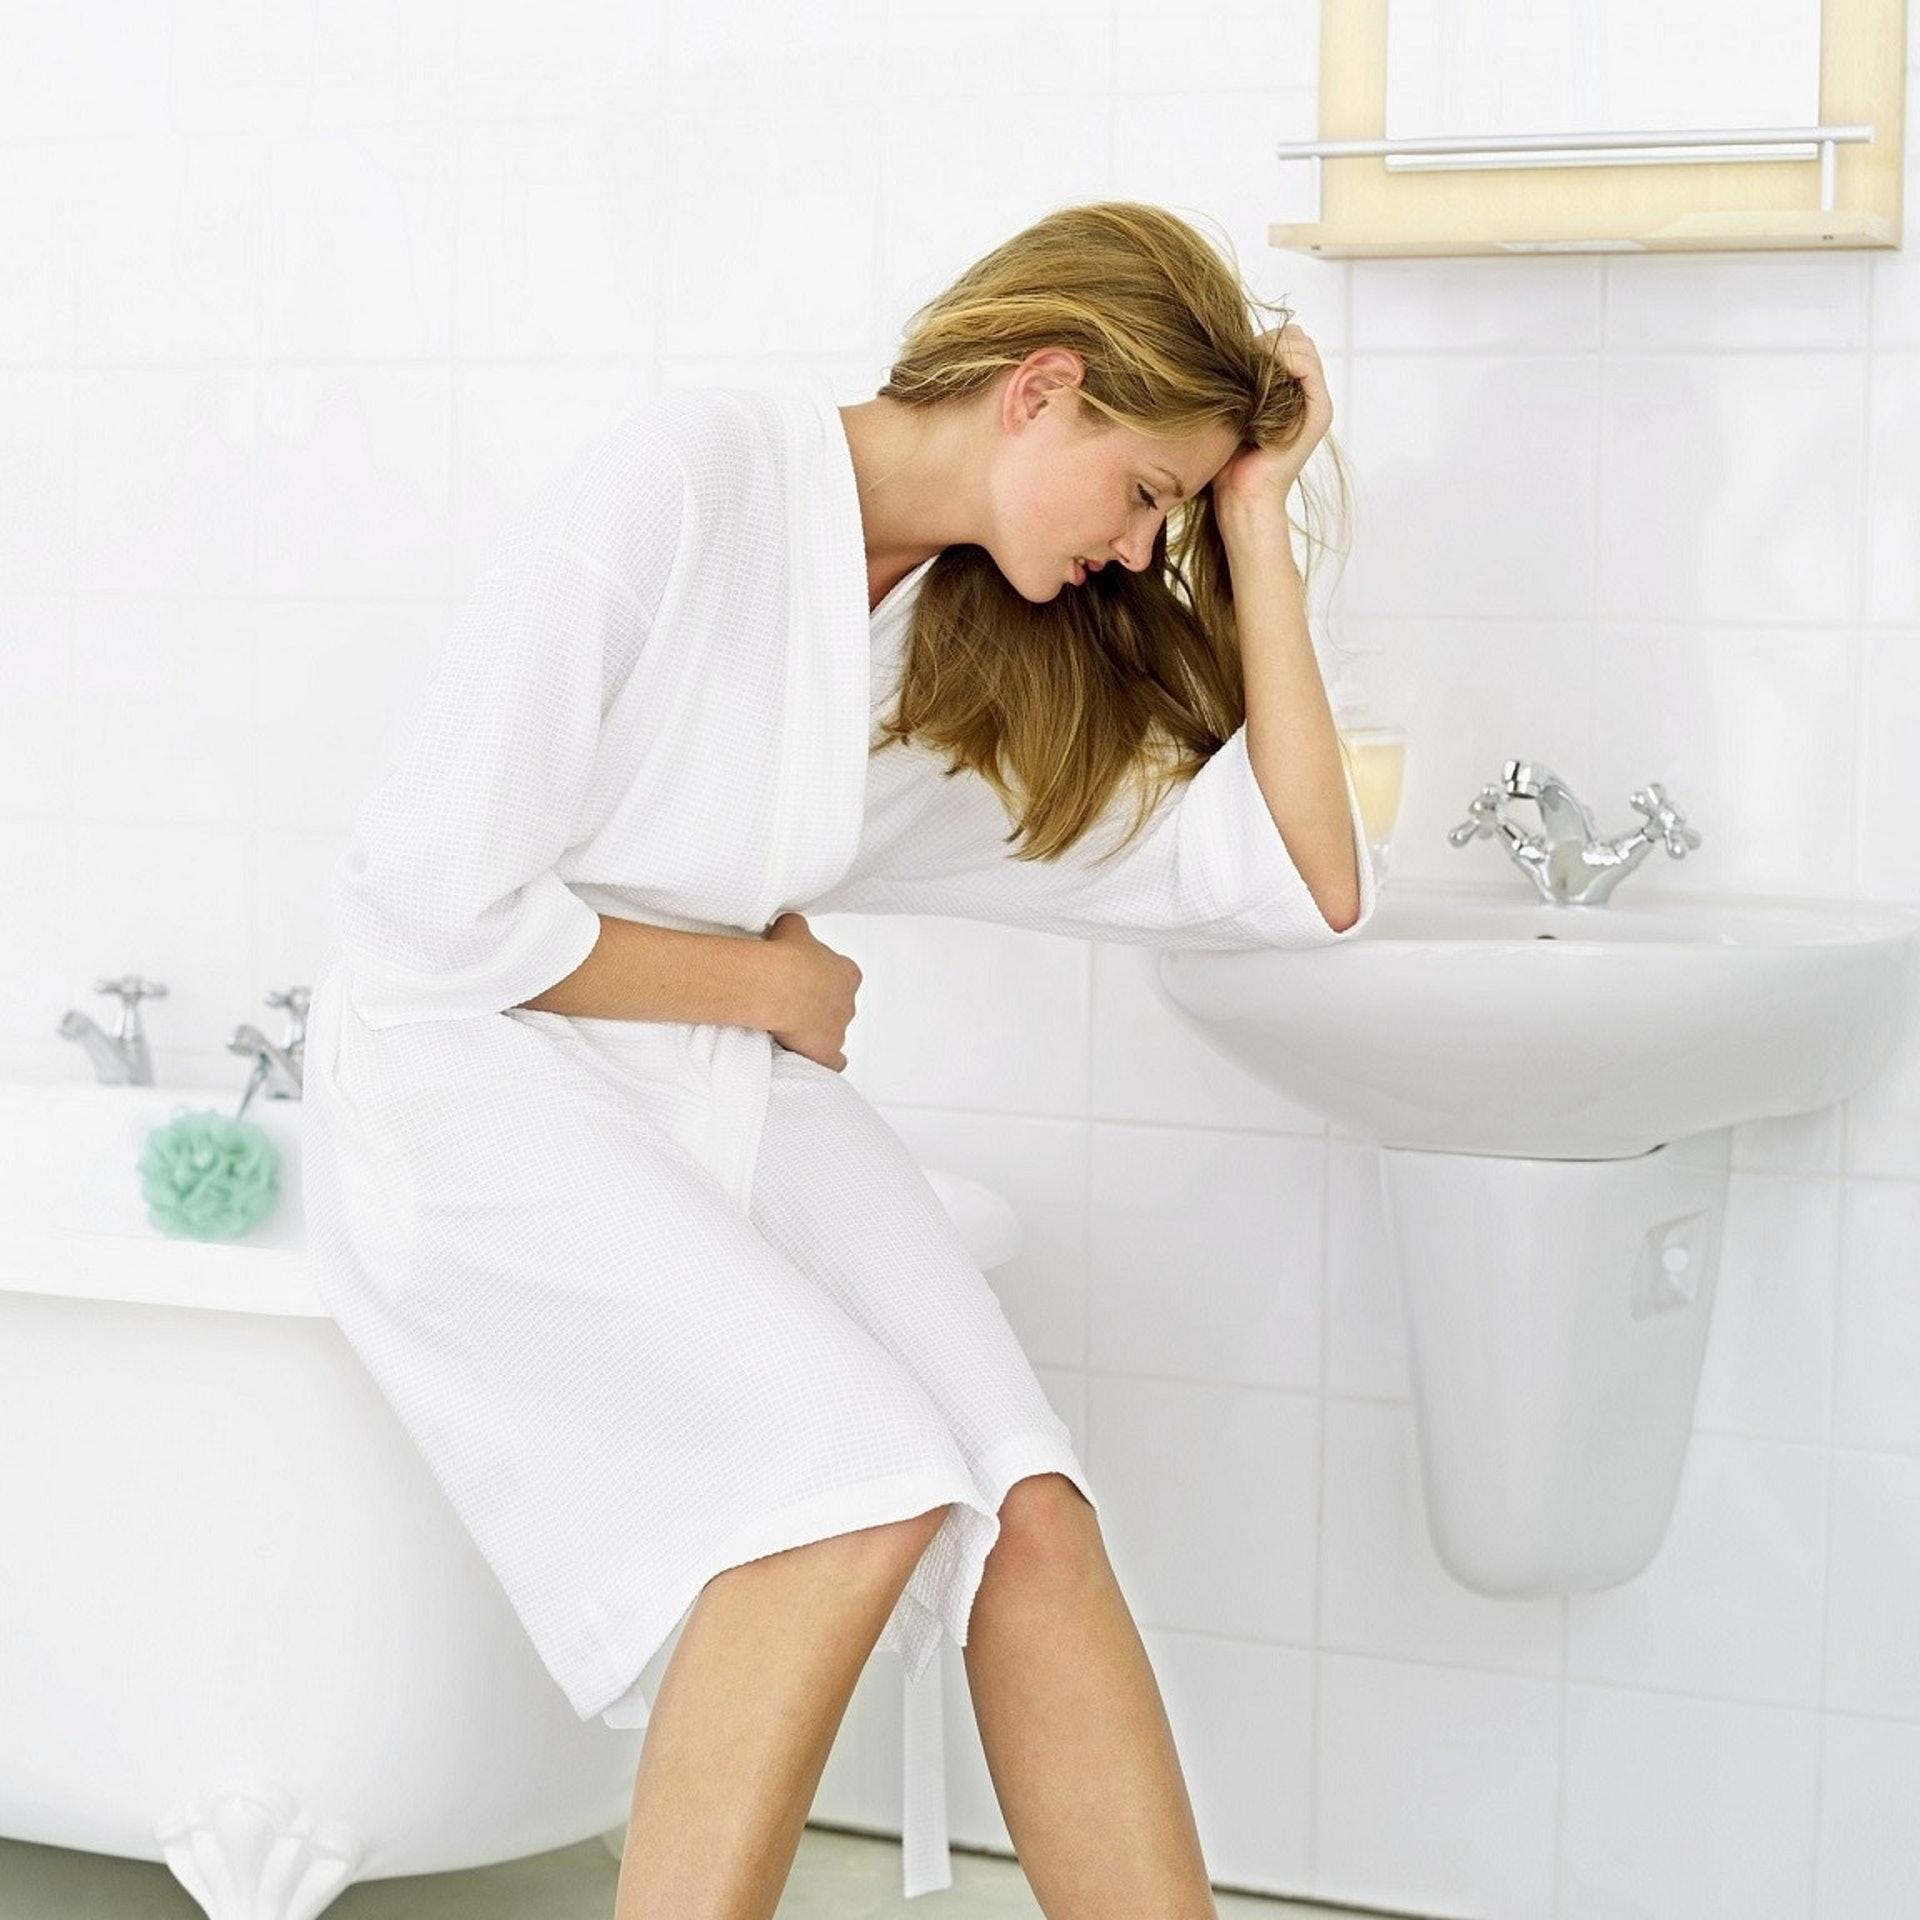 基於先天結構,婦女比較容易發生泌尿道感染。(VCG)